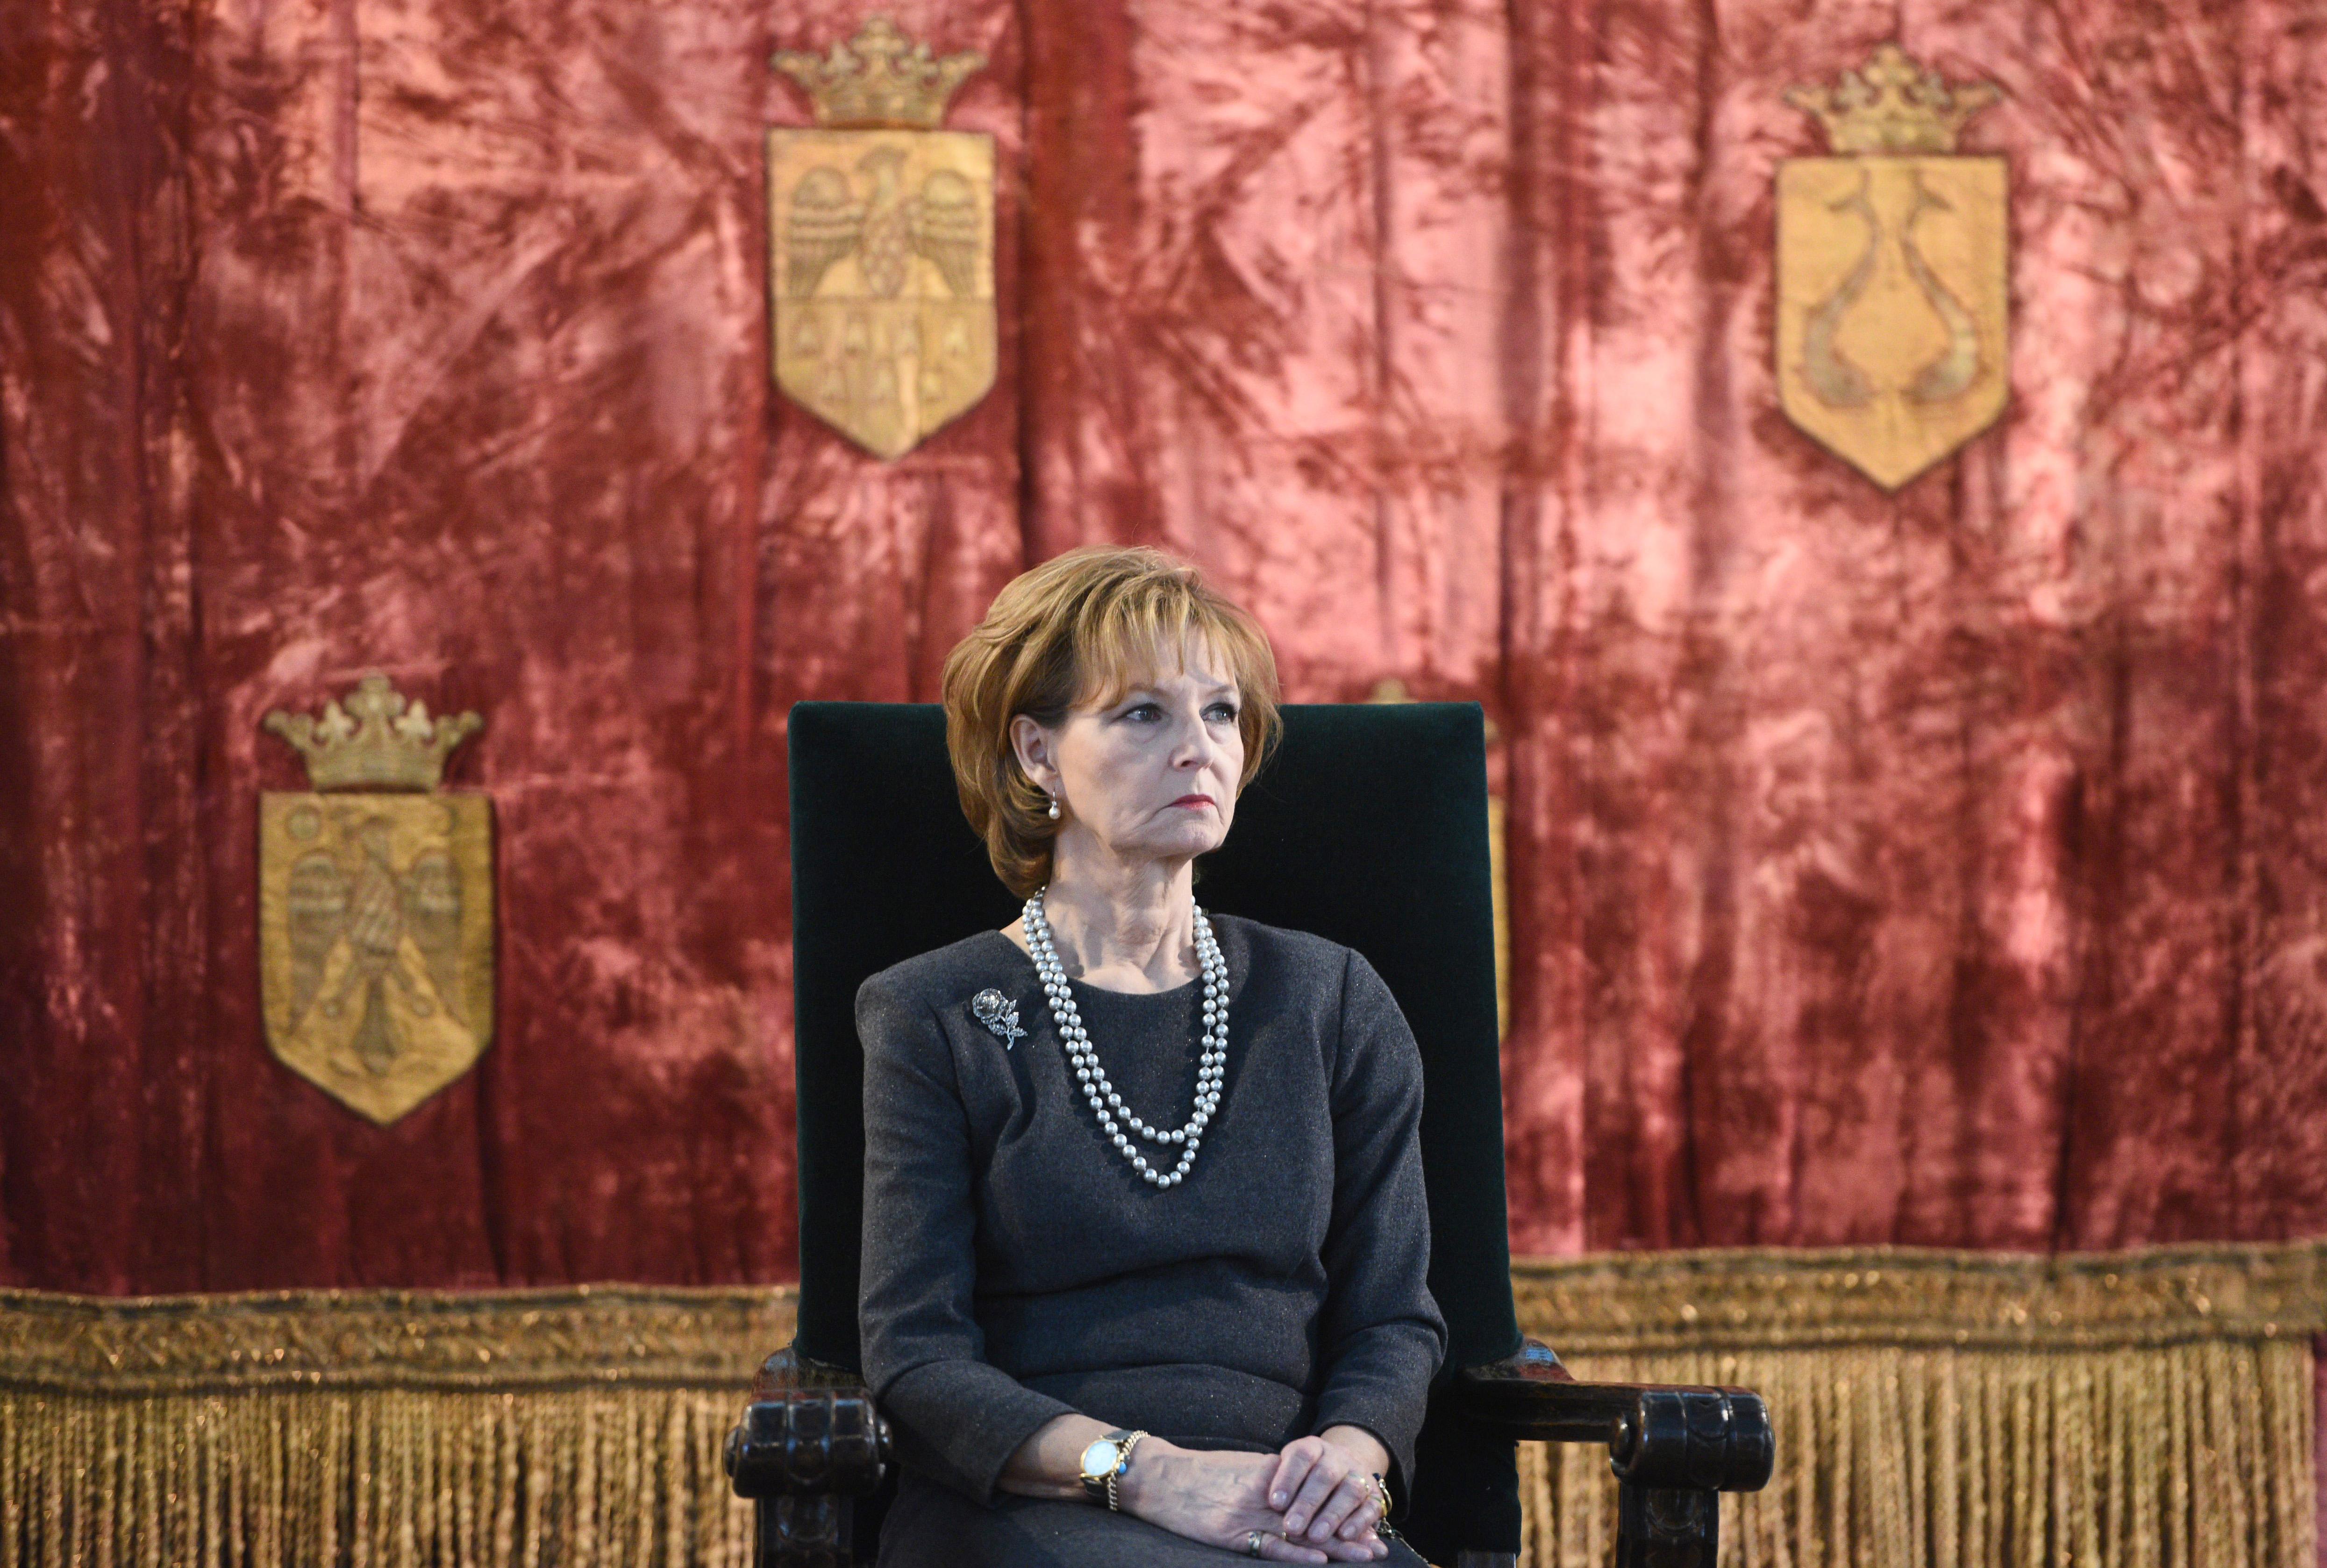 Casa Regală, în discuţii cu RA-APPS pentru Palatul Elisabeta. Va plăti pentru folosirea imobilului